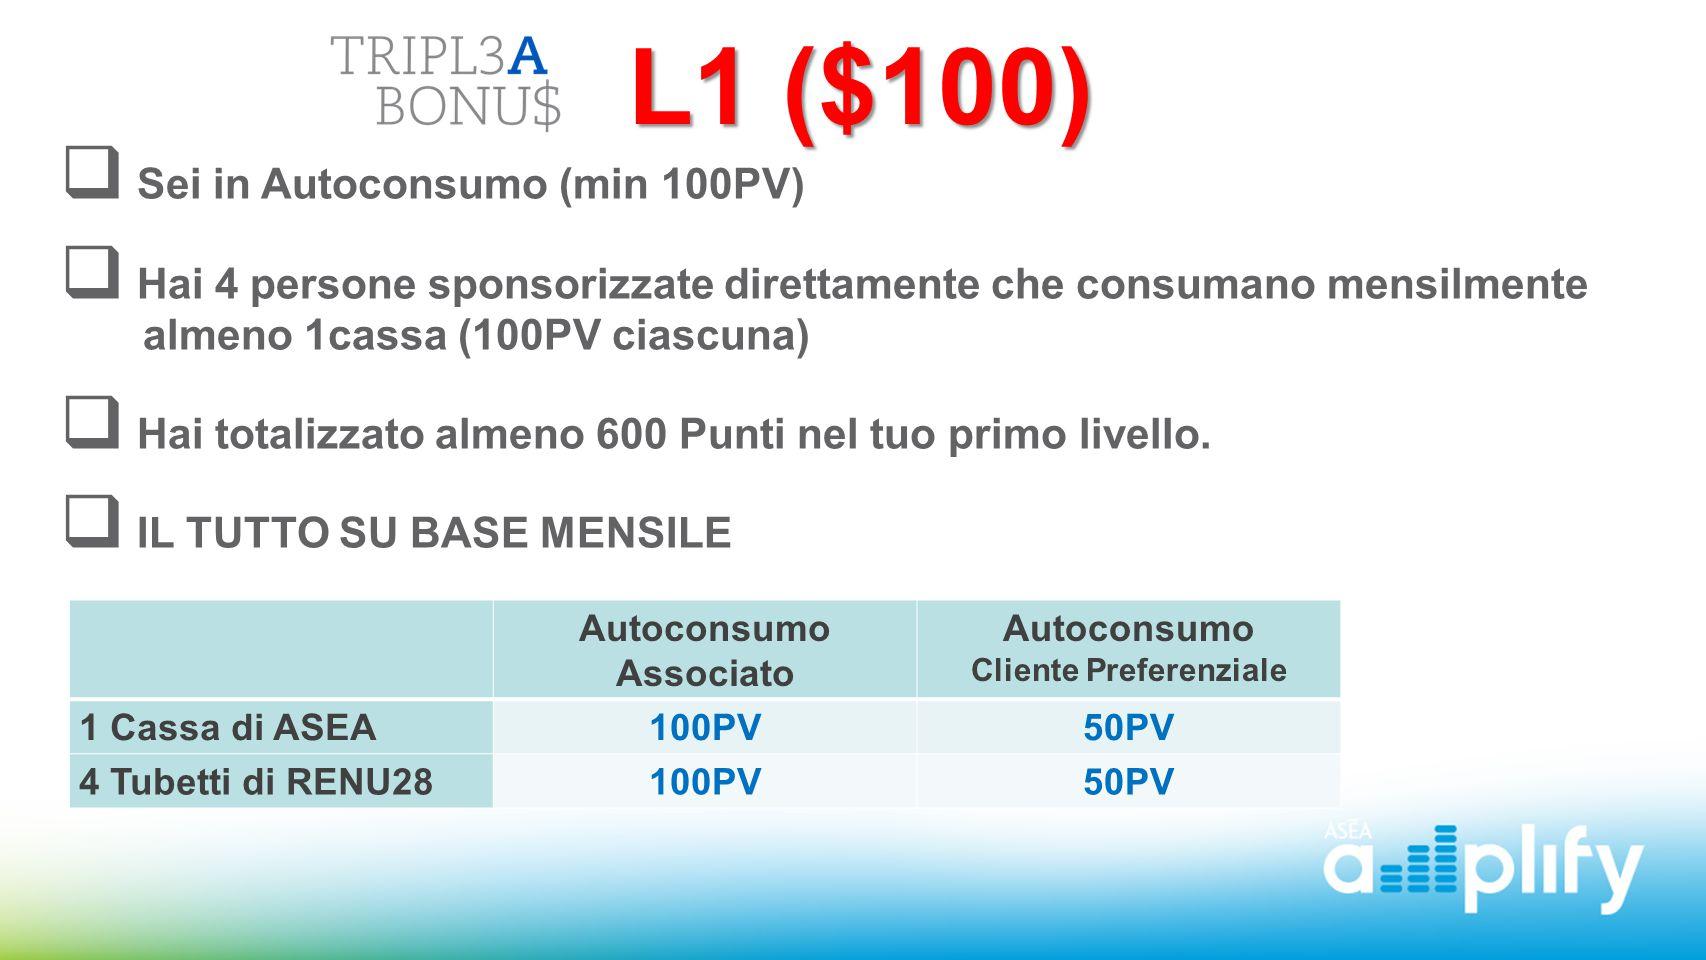 TU 100 1 Cassa ASEA 1 Cassa ASEA 1 Cassa ASEA 1 Cassa ASEA Level 1 Bonus L1 = $100  I Tuoi 100  4 PS con 100  600 Volume + 4 Tubetti di RENU 28